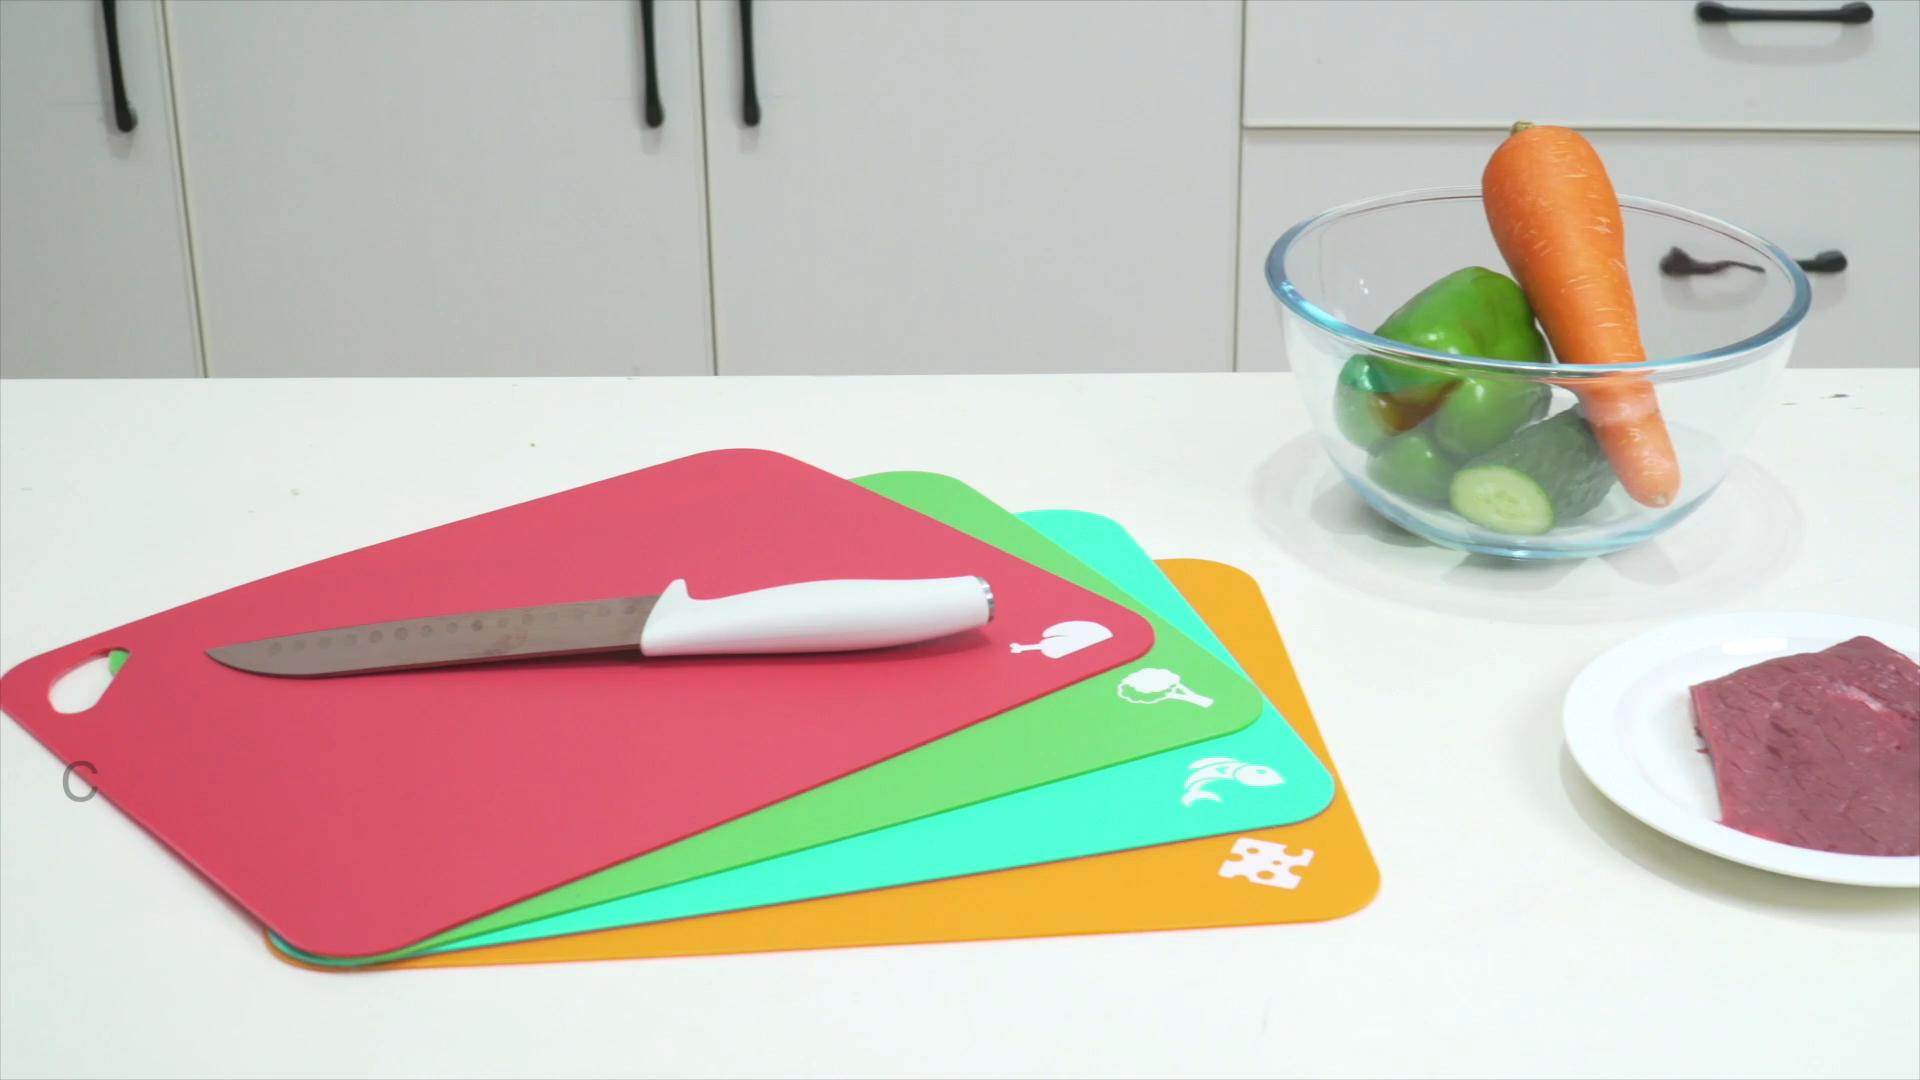 Grosir Peralatan Dapur Non-Slip Fleksibel Plastik Cutting Board Dalam Warna Yang Berbeda untuk Penggunaan Dapur